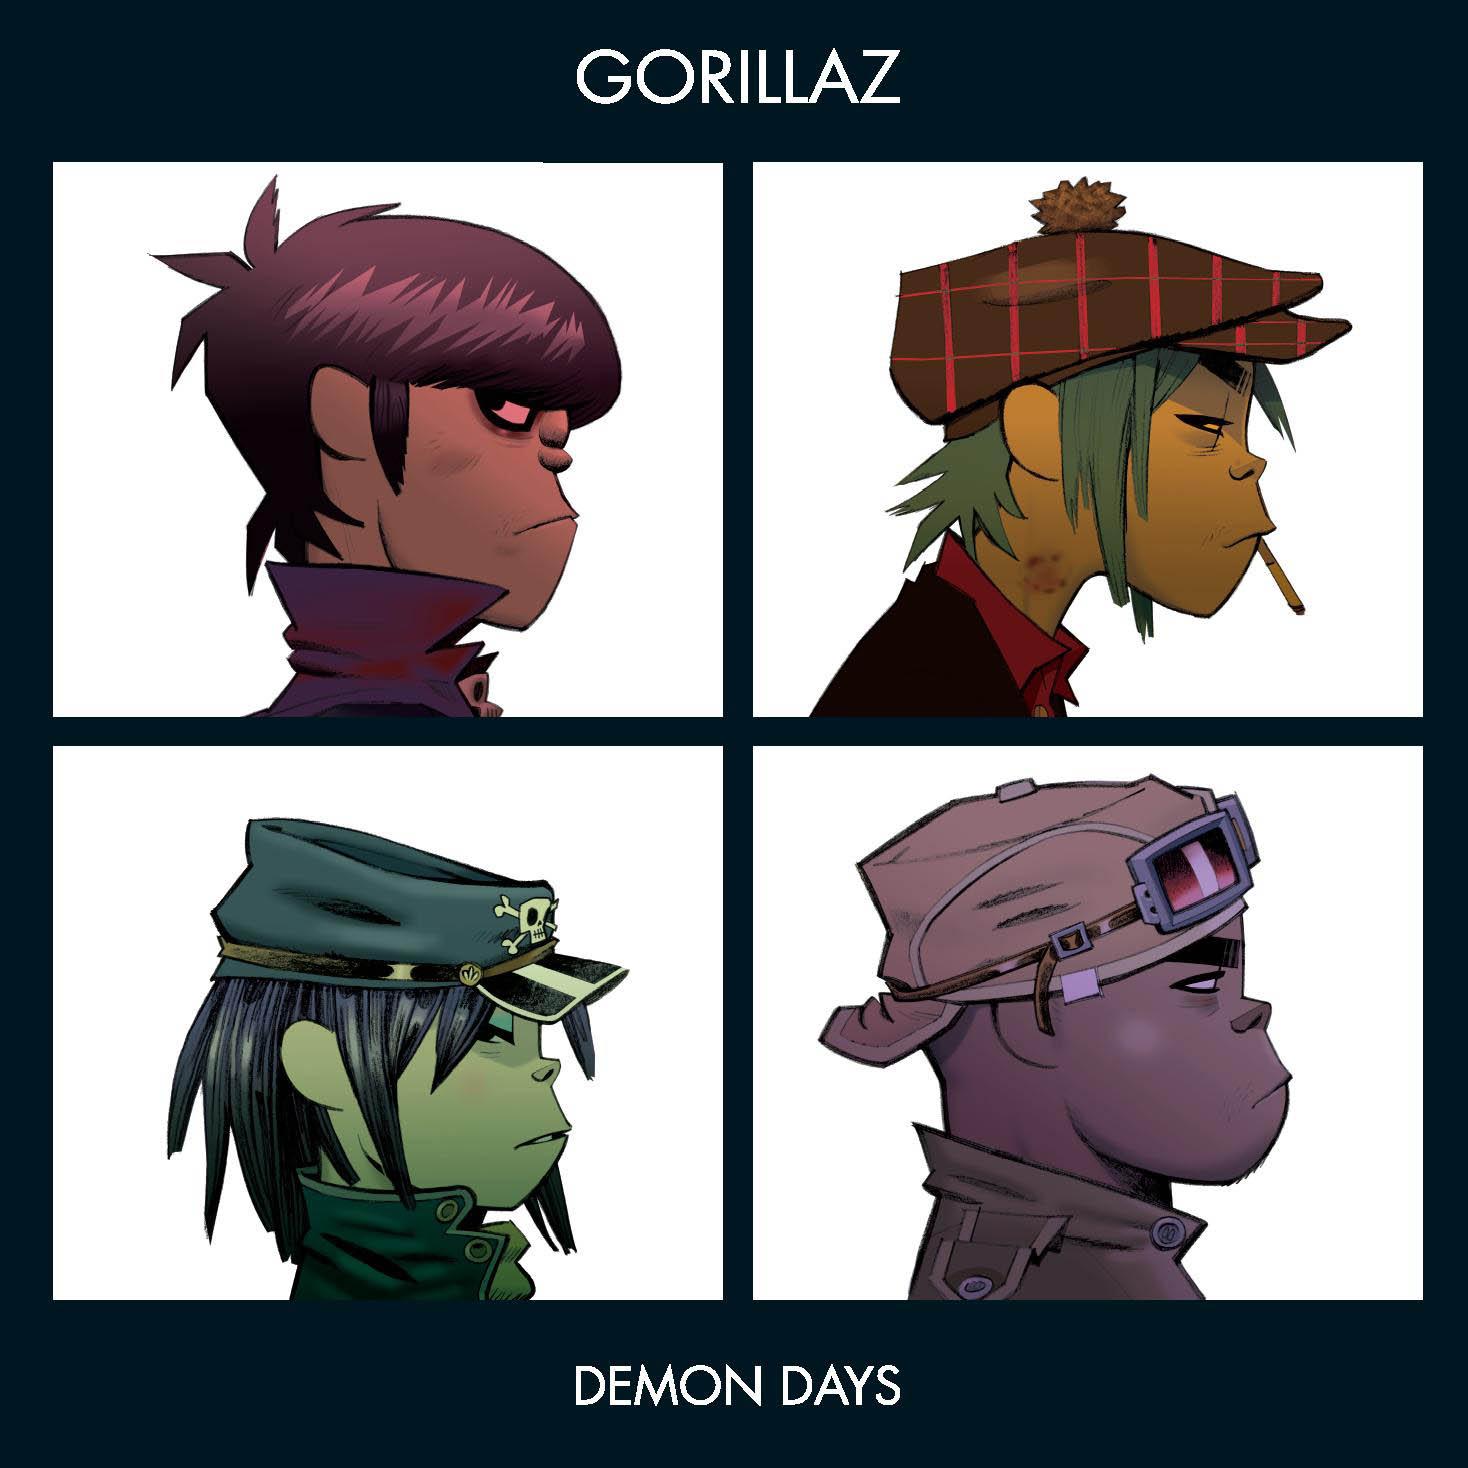 Amazon_Gorillaz_Demon_Days